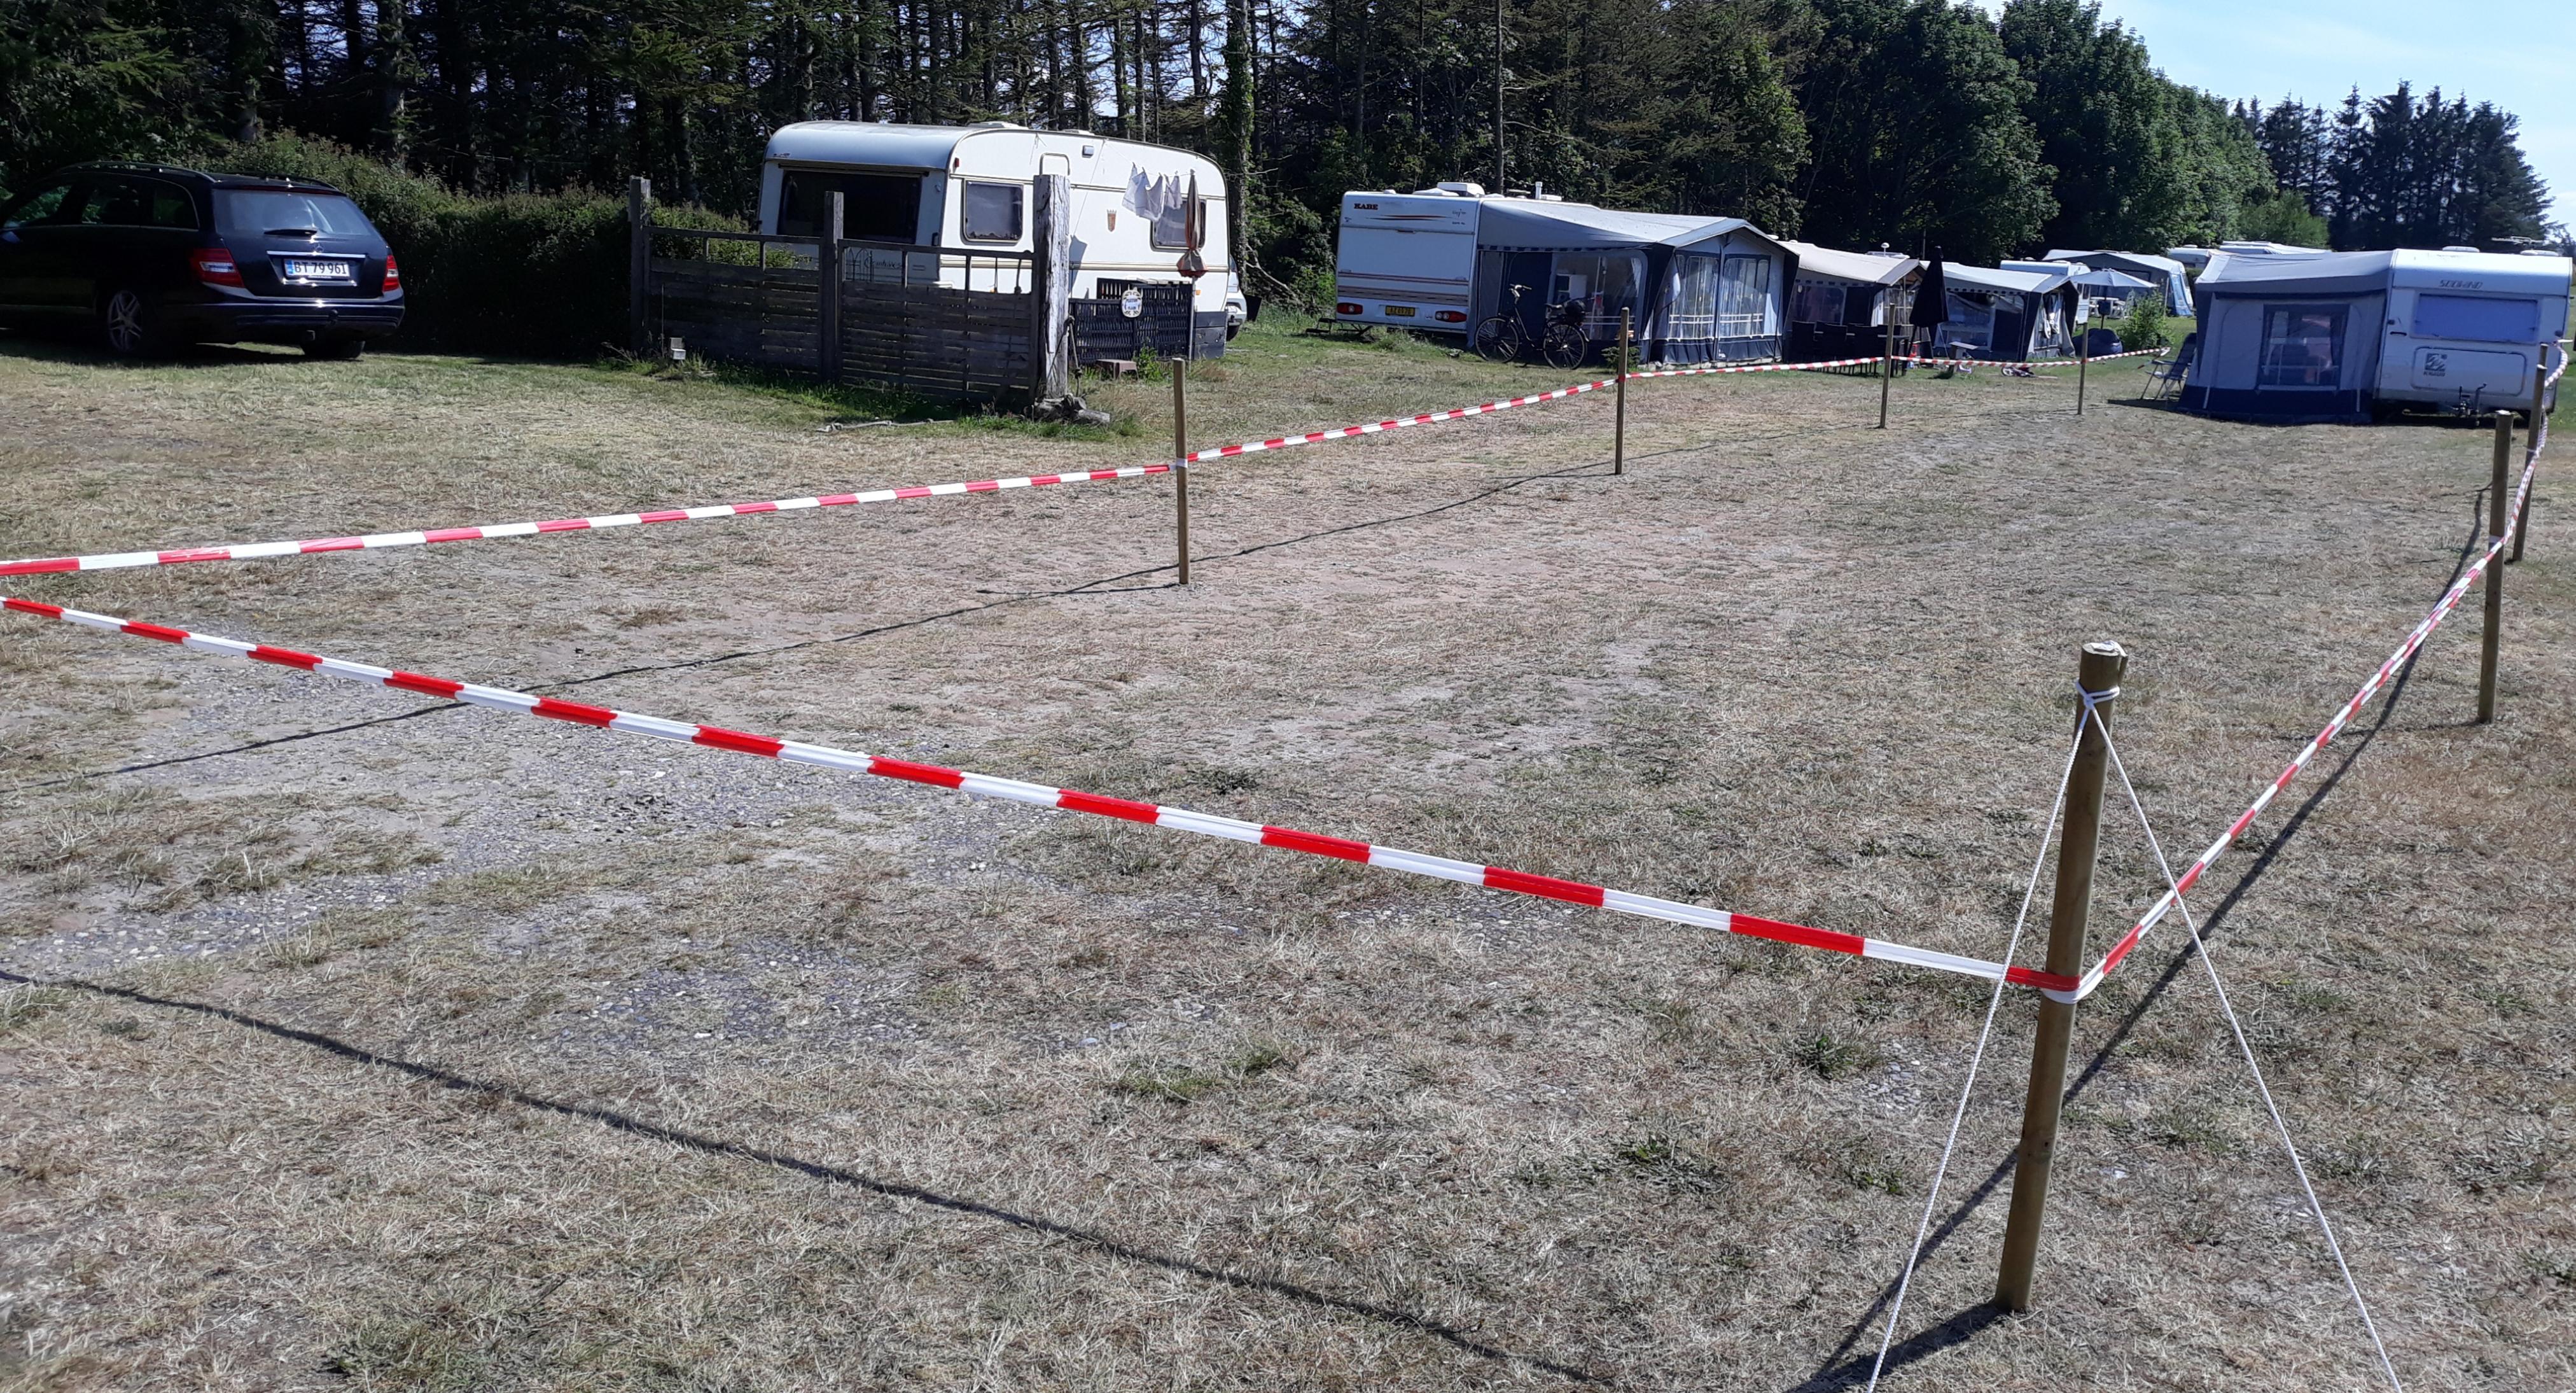 Buksebier fik deres eget areal på campingplads: De skal have fred til at grave